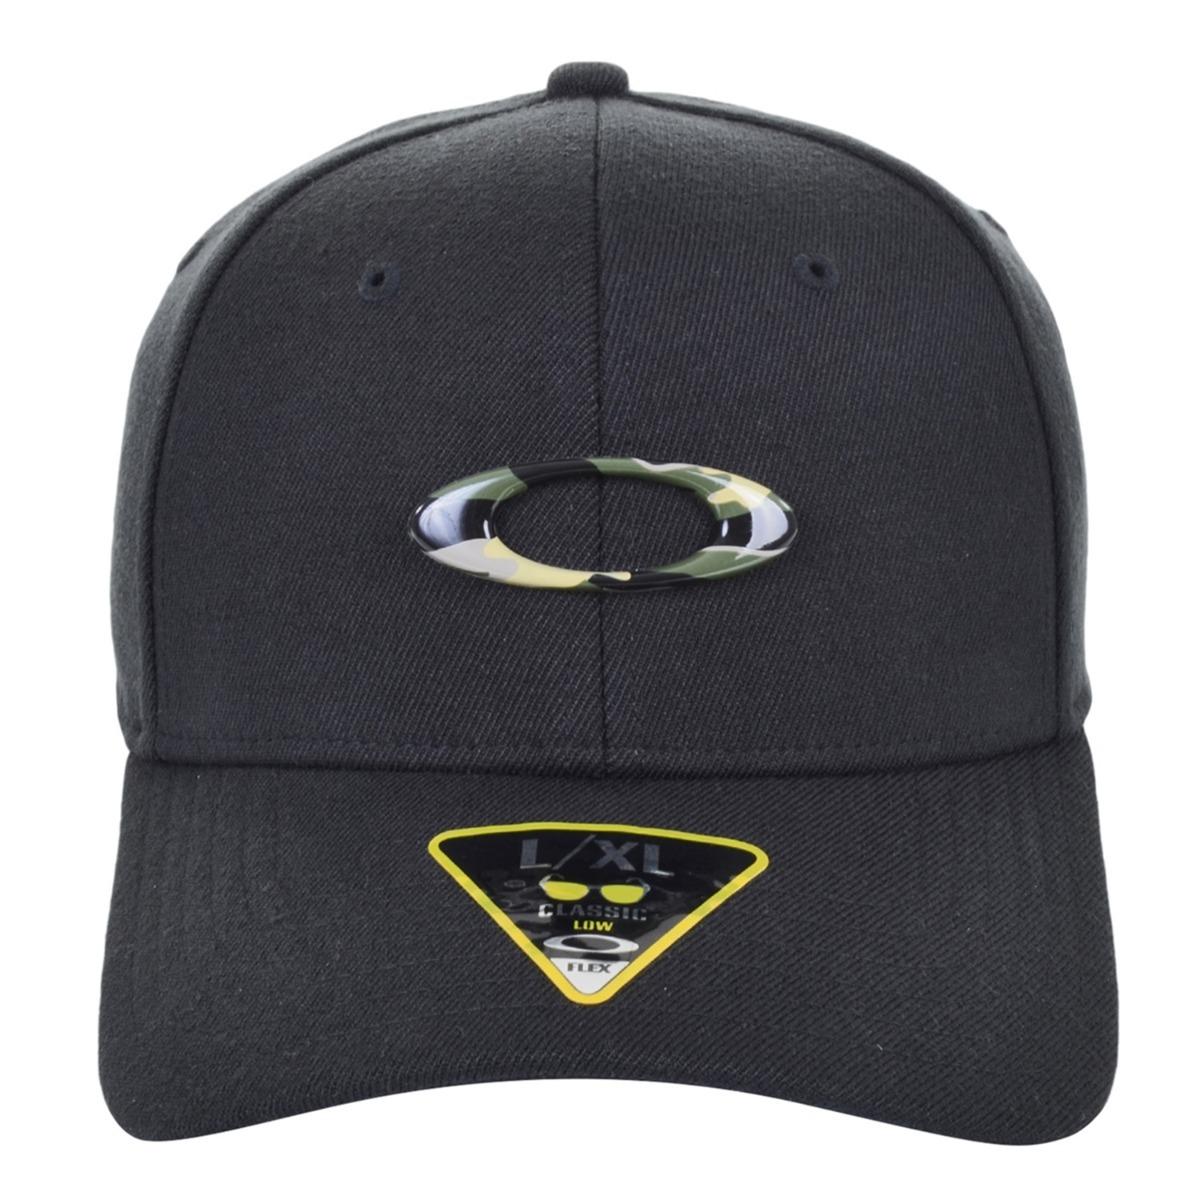 Boné Masculino Oakley Tincan Cap Black graphic Camo (s m) - R  199 ... 340b3c941ce